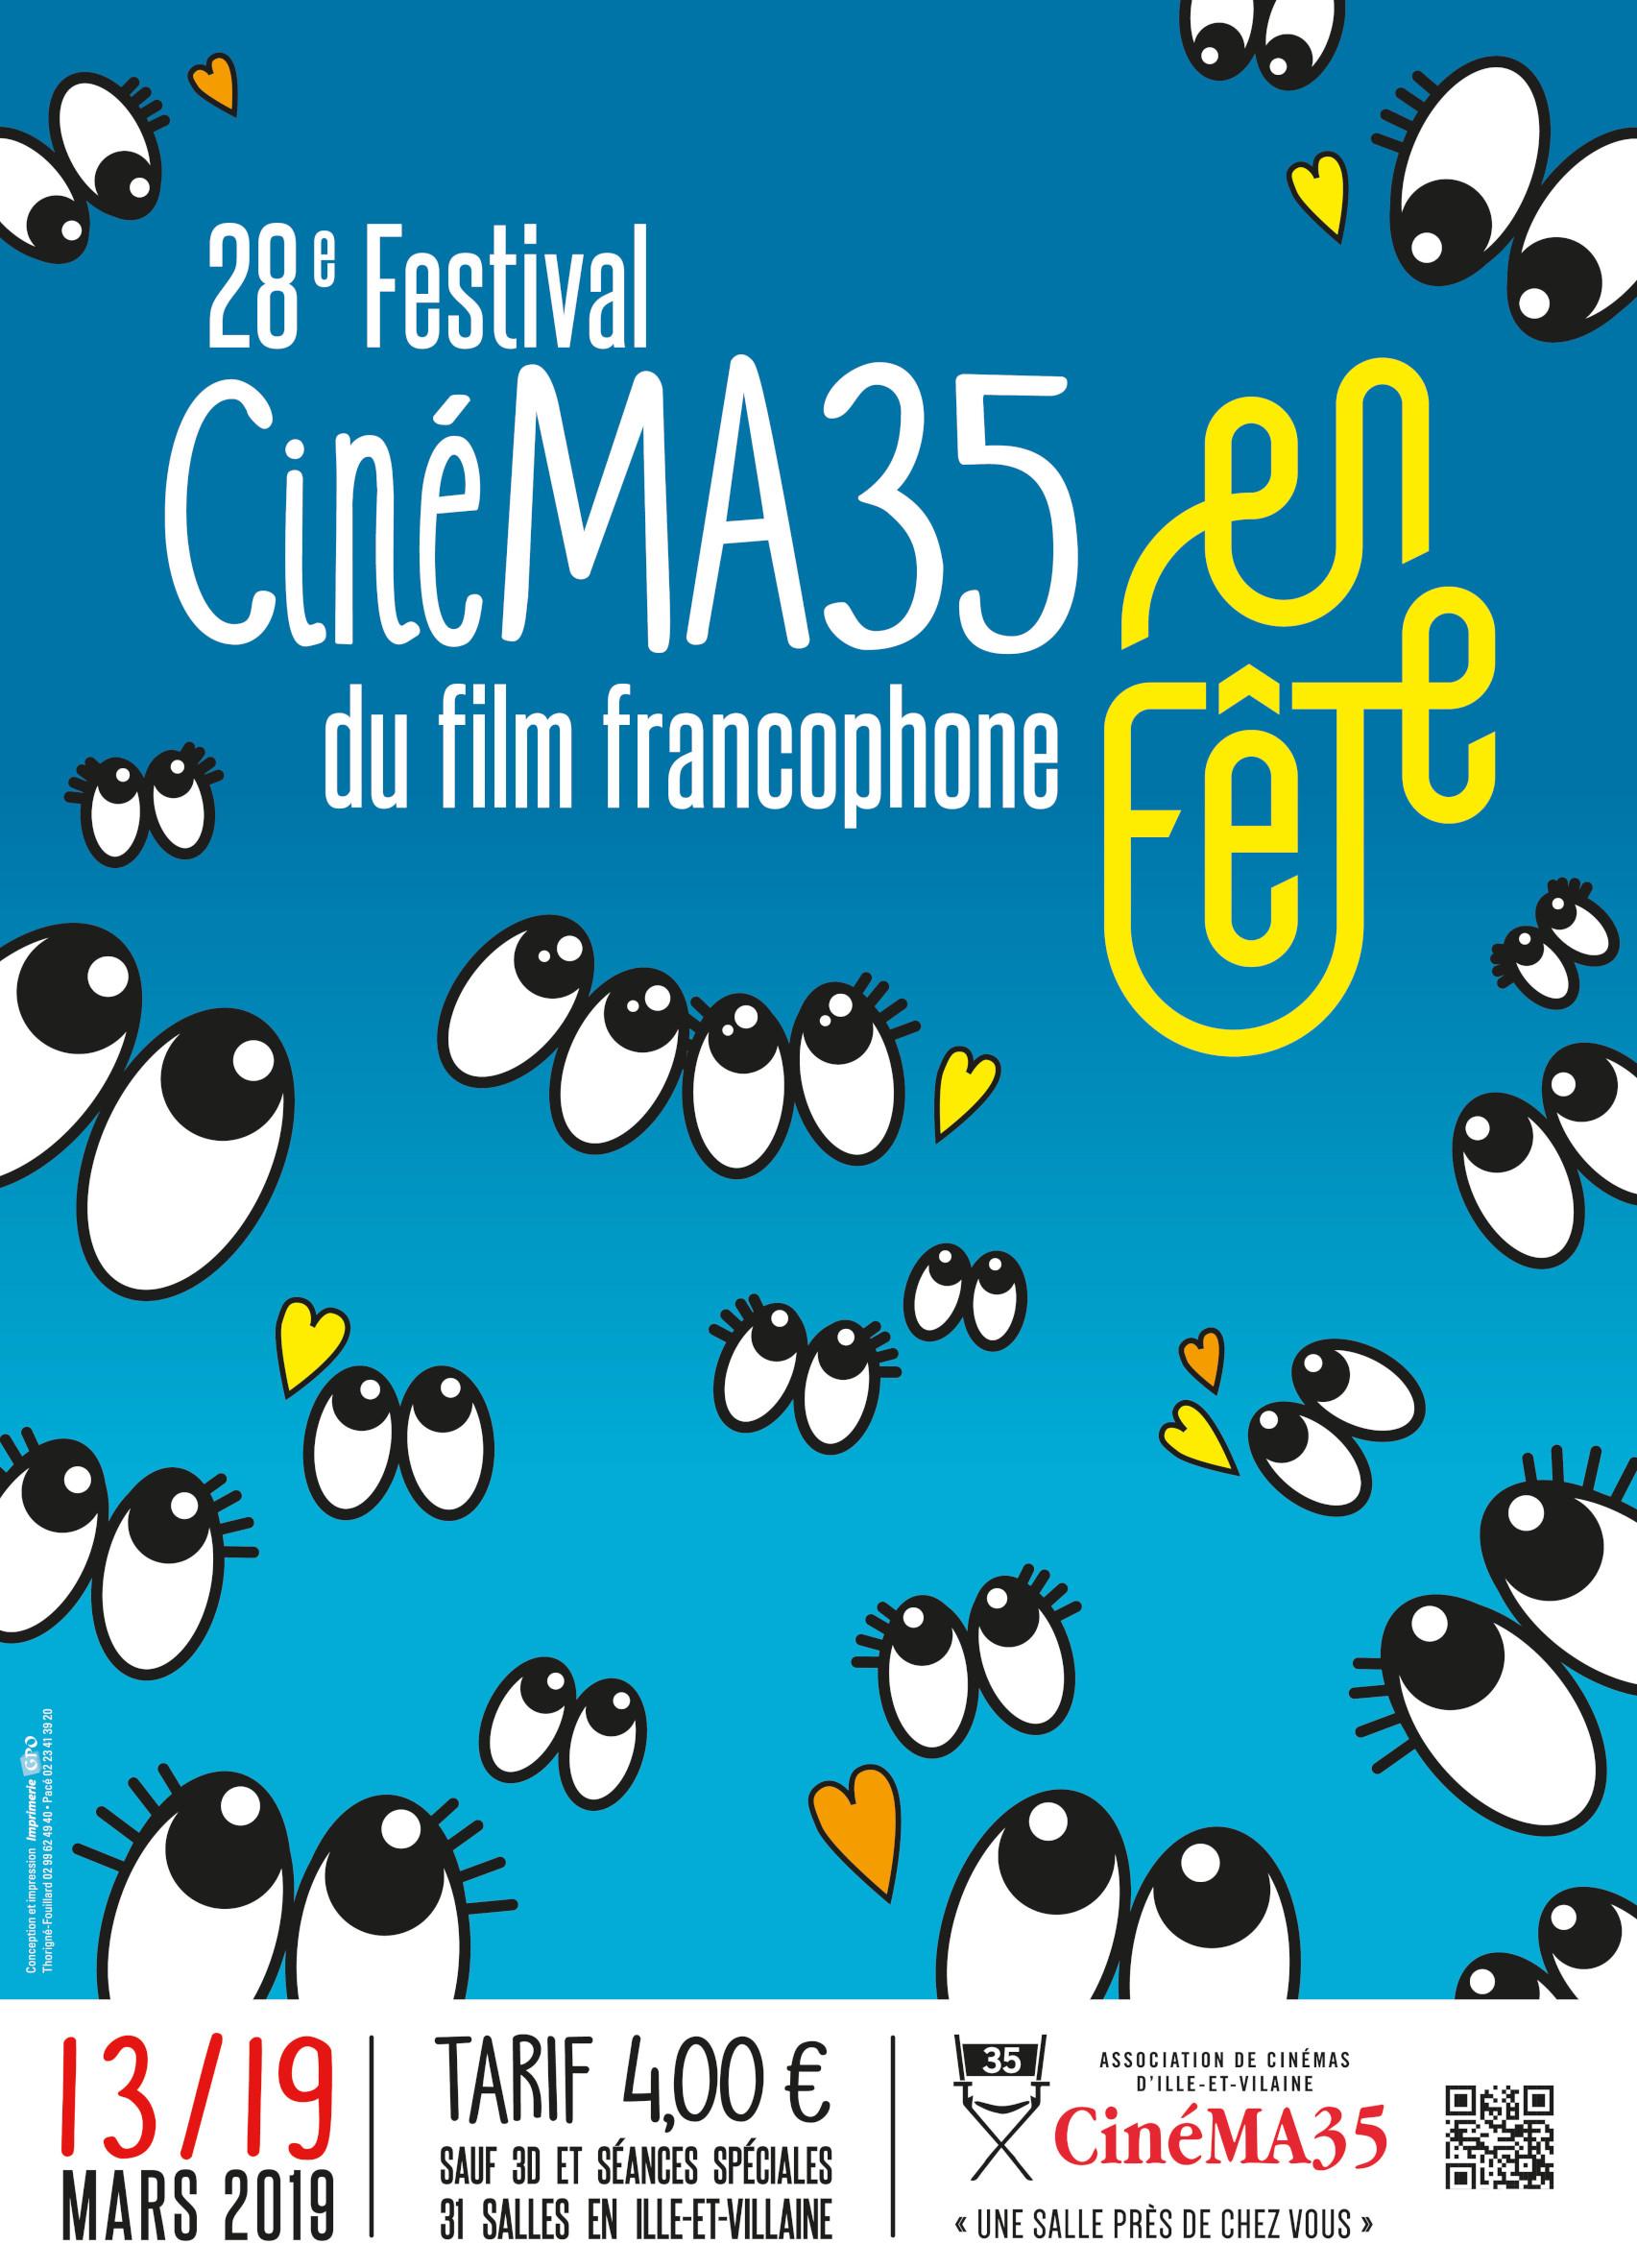 Festival Cinéma 35 En Fête 2019 Cinéma 35